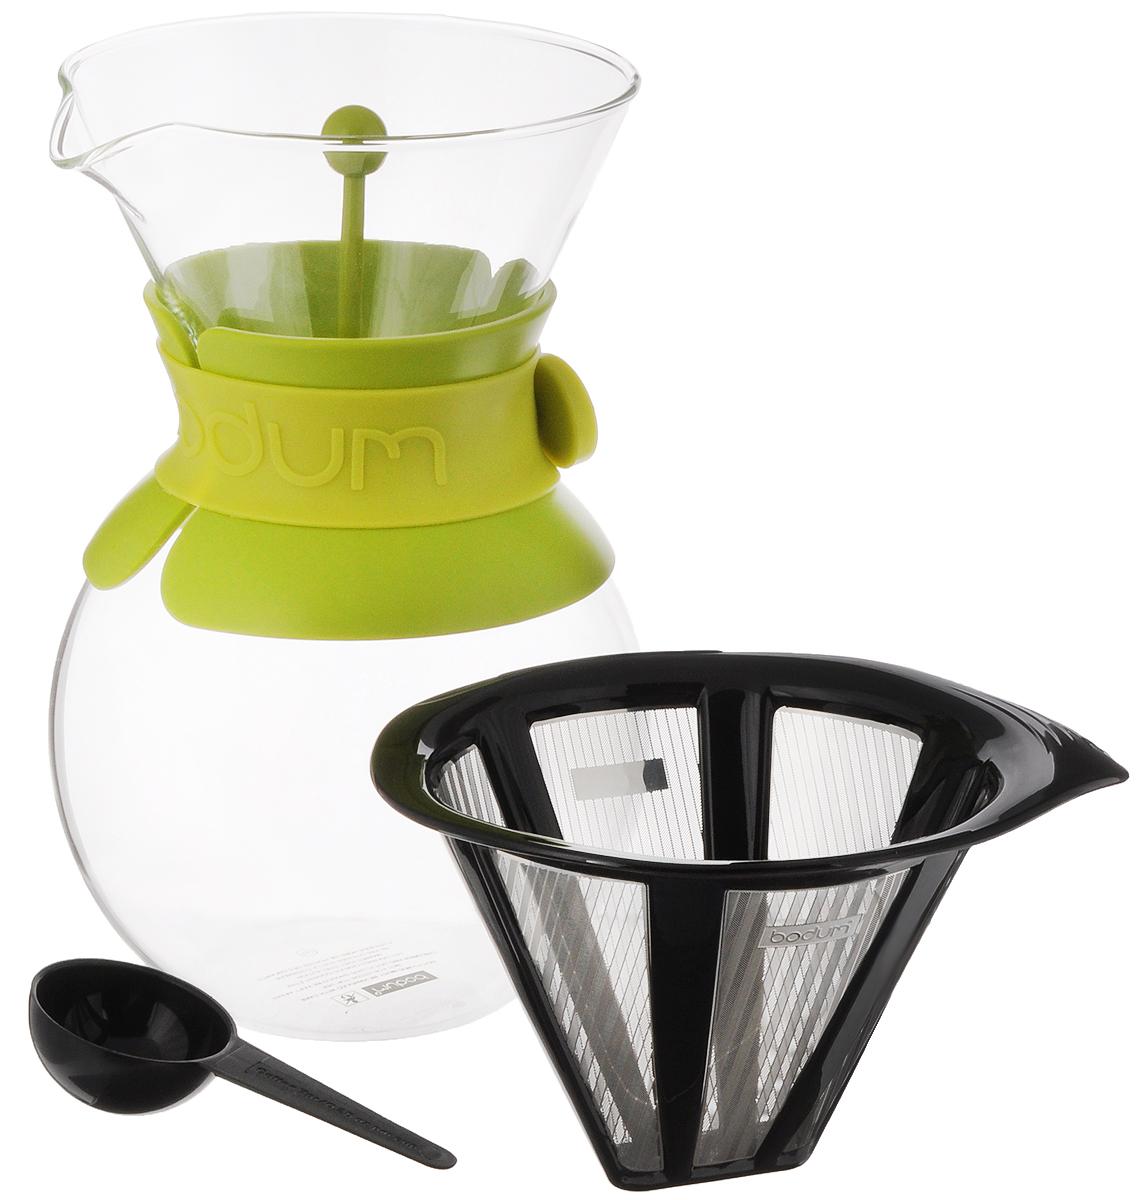 Кофейник Bodum Pour Over, с фильтром и мерной ложкой, цвет: прозрачный, салатовый, 1 л кофейник bodum brazil с прессом цвет белый 1 л